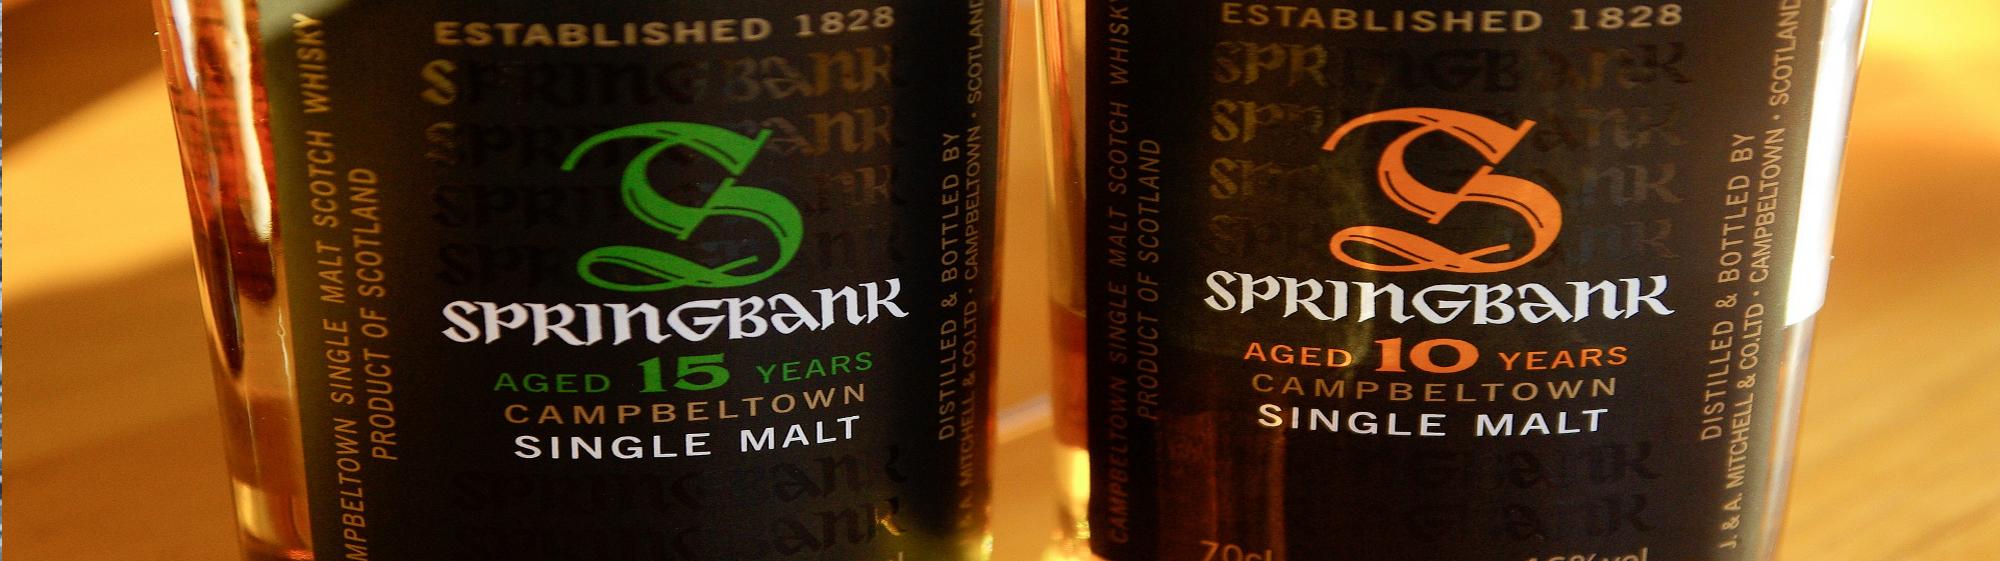 Whisky tasting Scotland